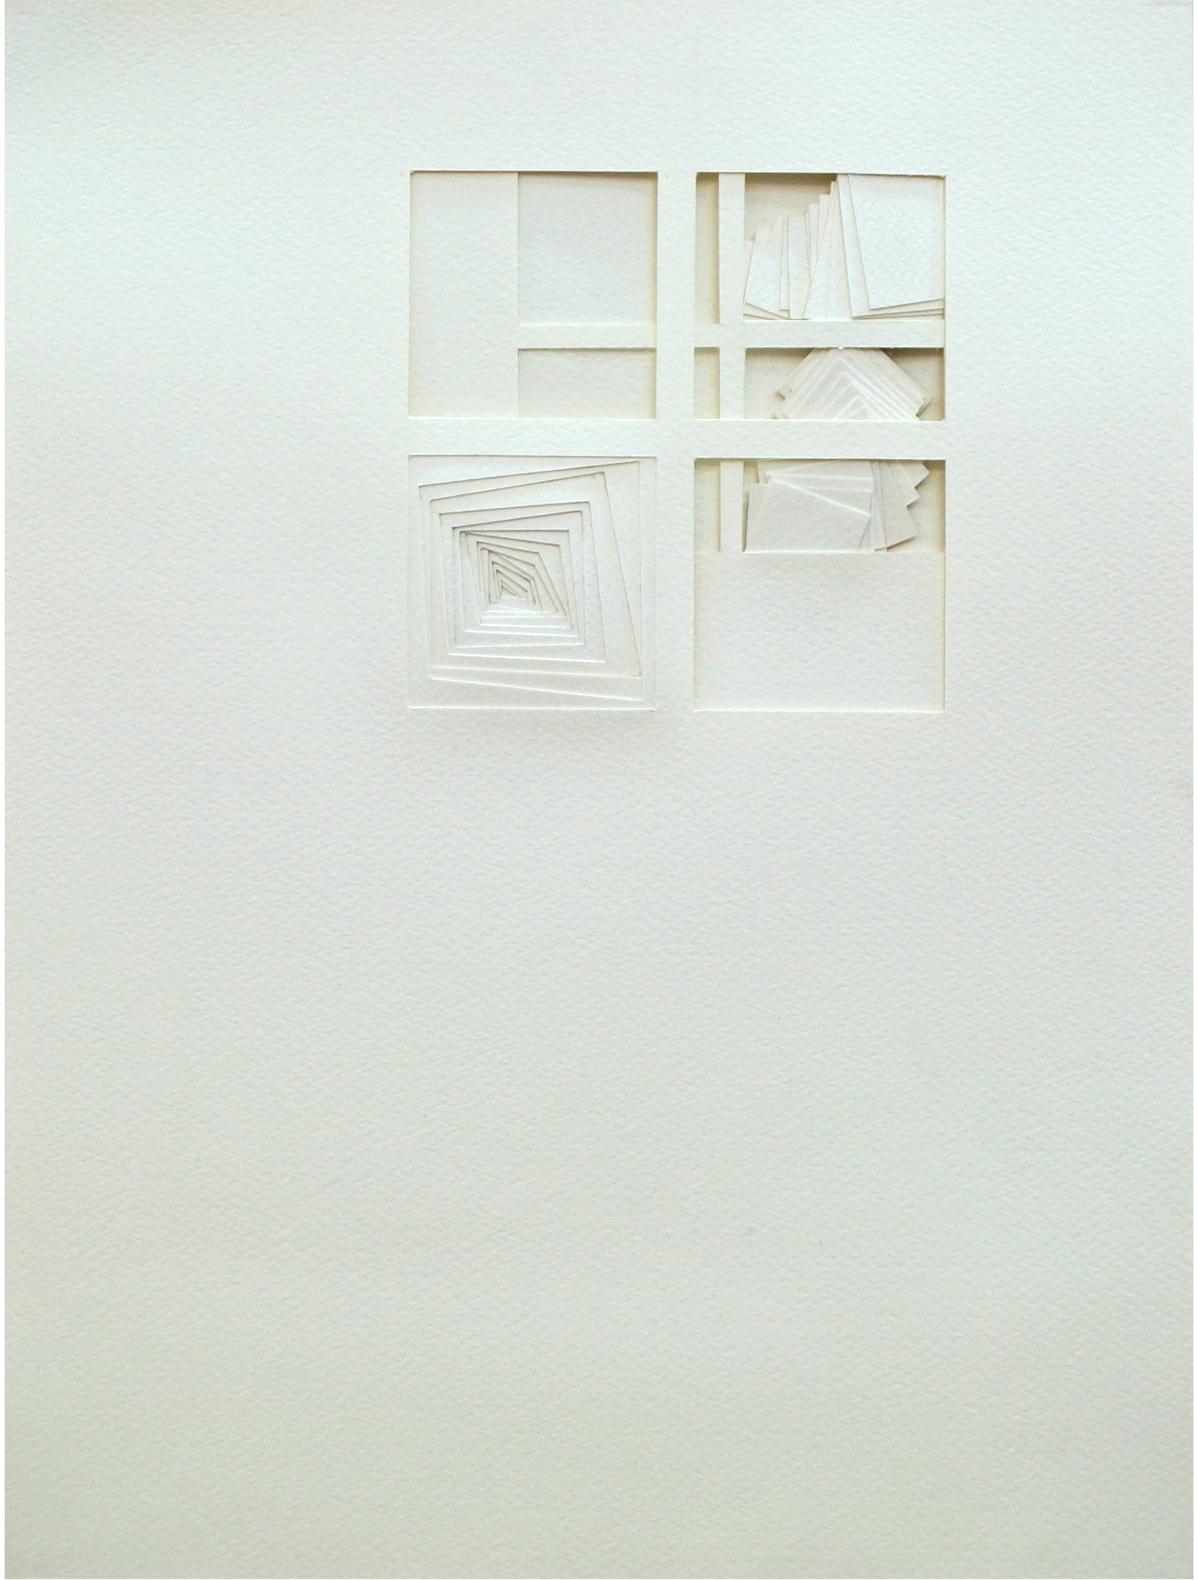 """Finestre Finestra (Windows in Window), Paper on paper, 12""""x16"""", 2013"""